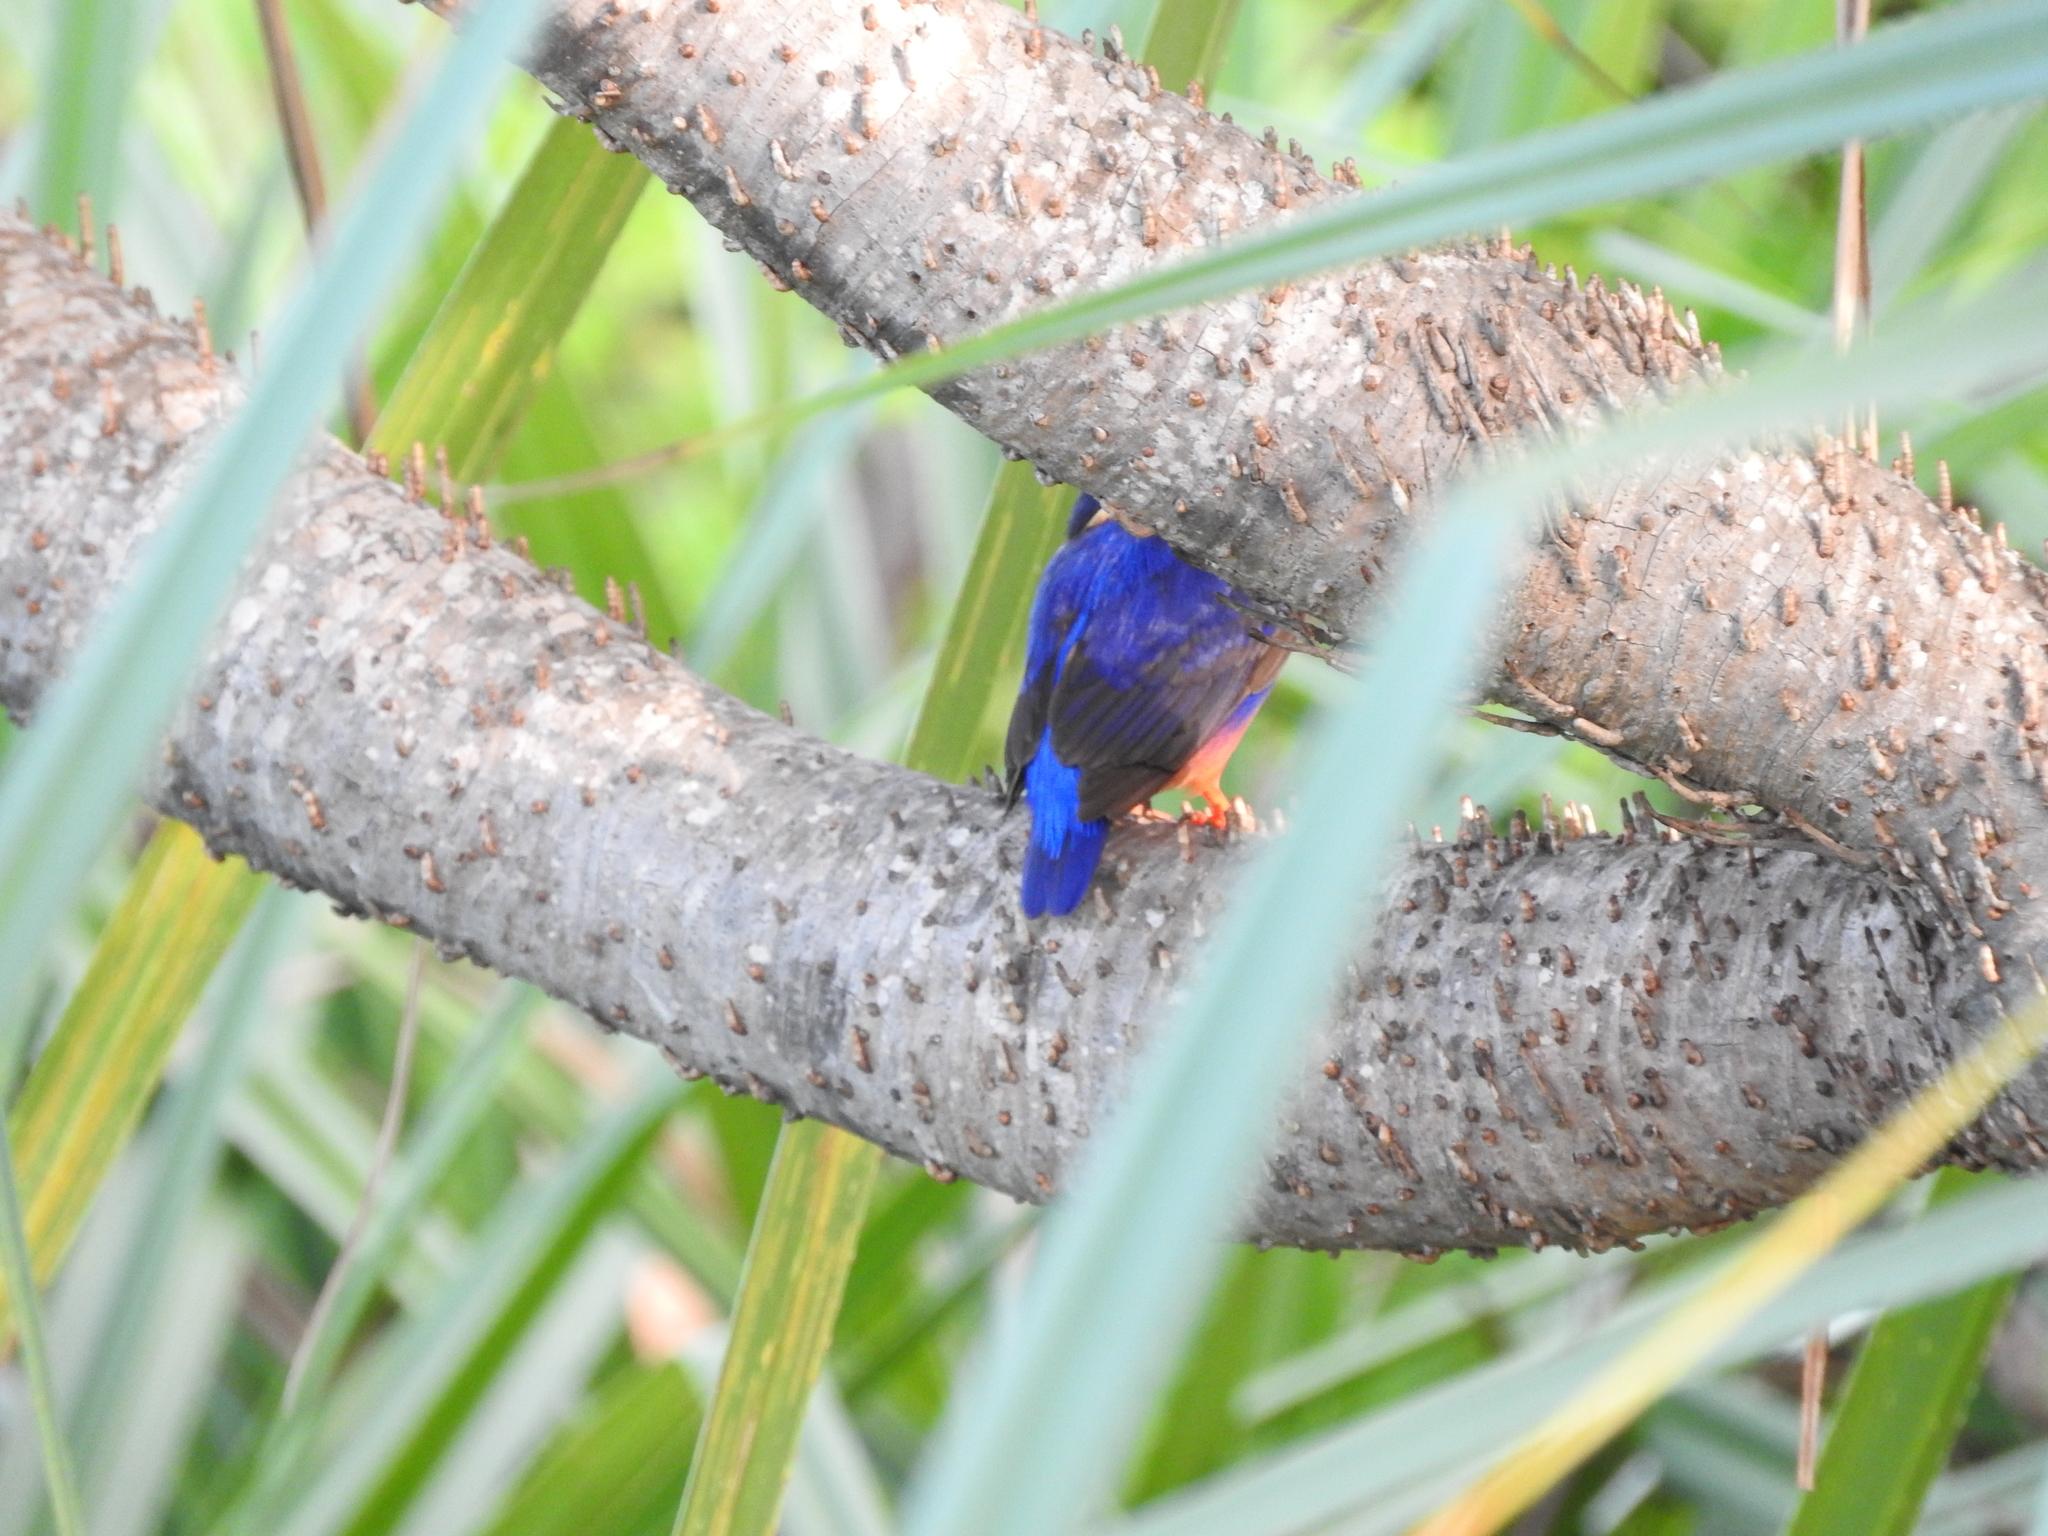 Image of Azure Kingfisher